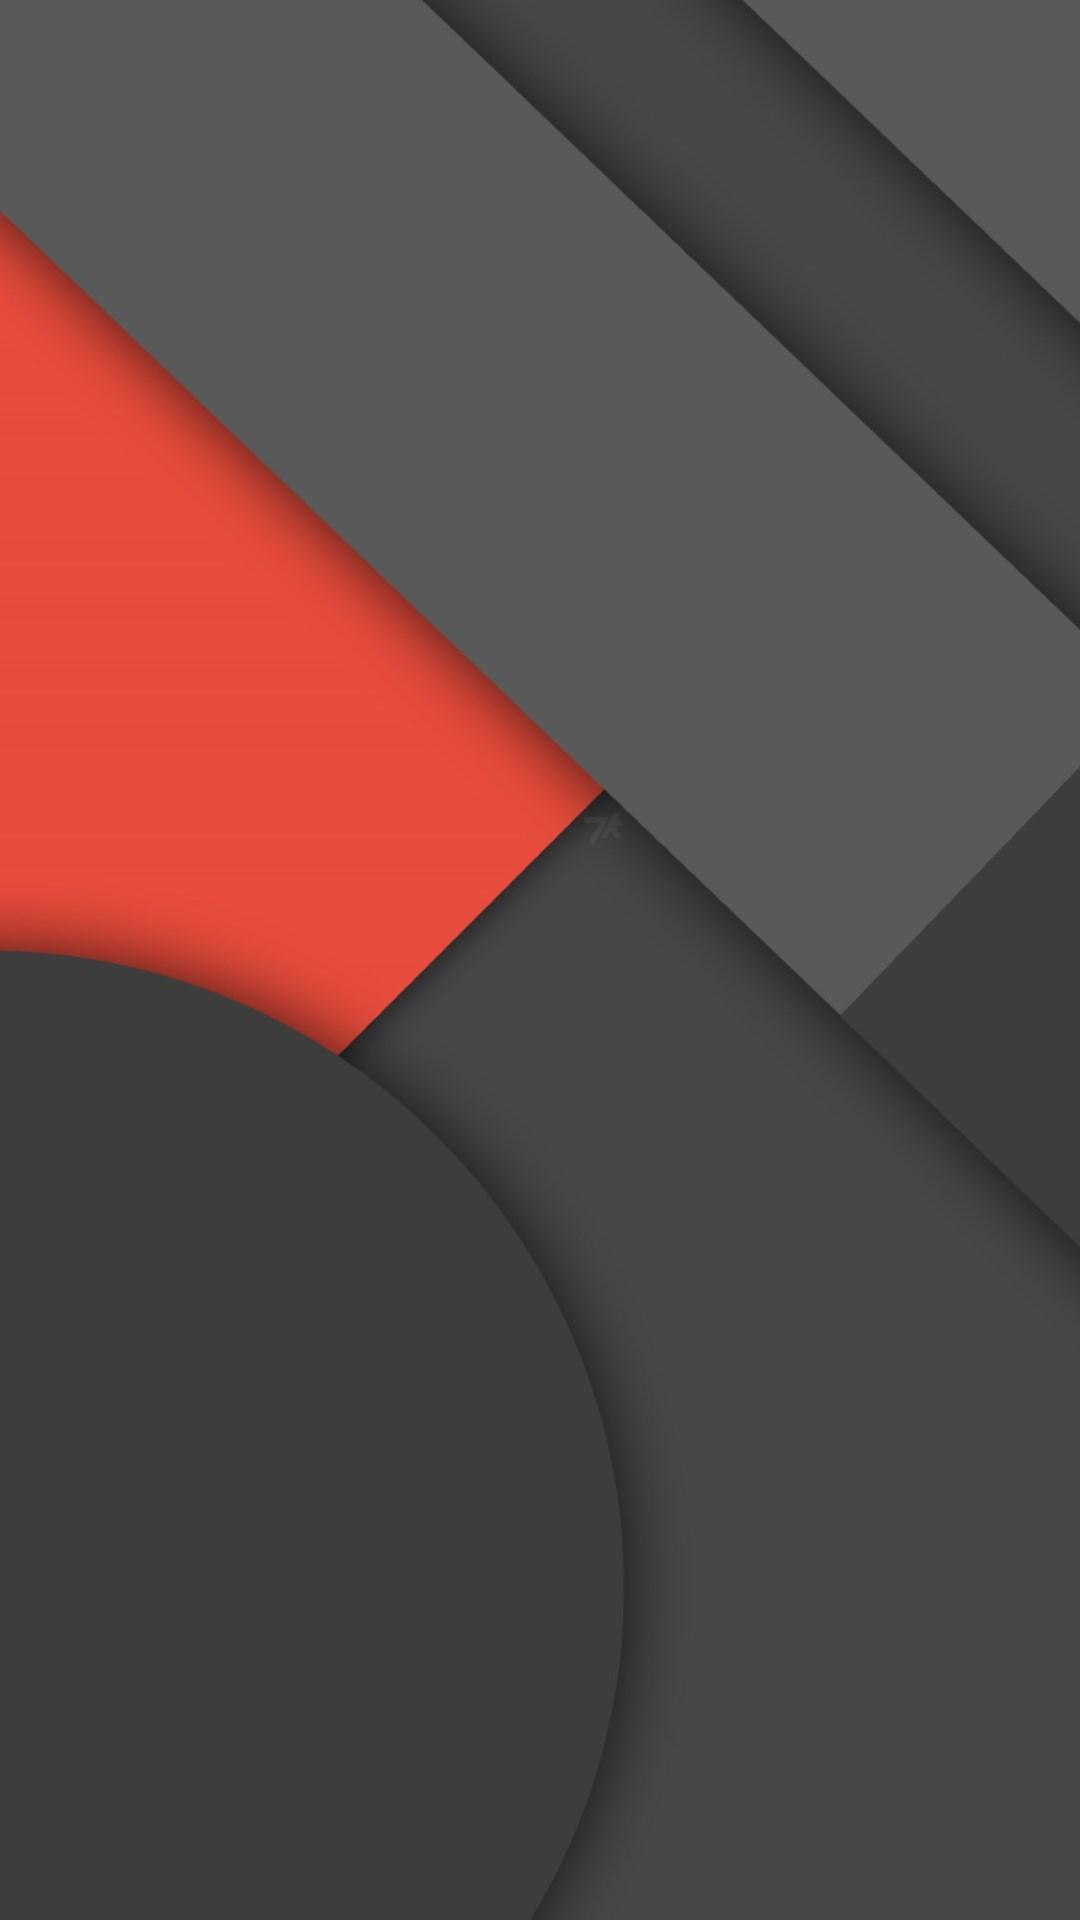 Free Download Dark Material Design Hd Wallpapers 4k Wallpapers